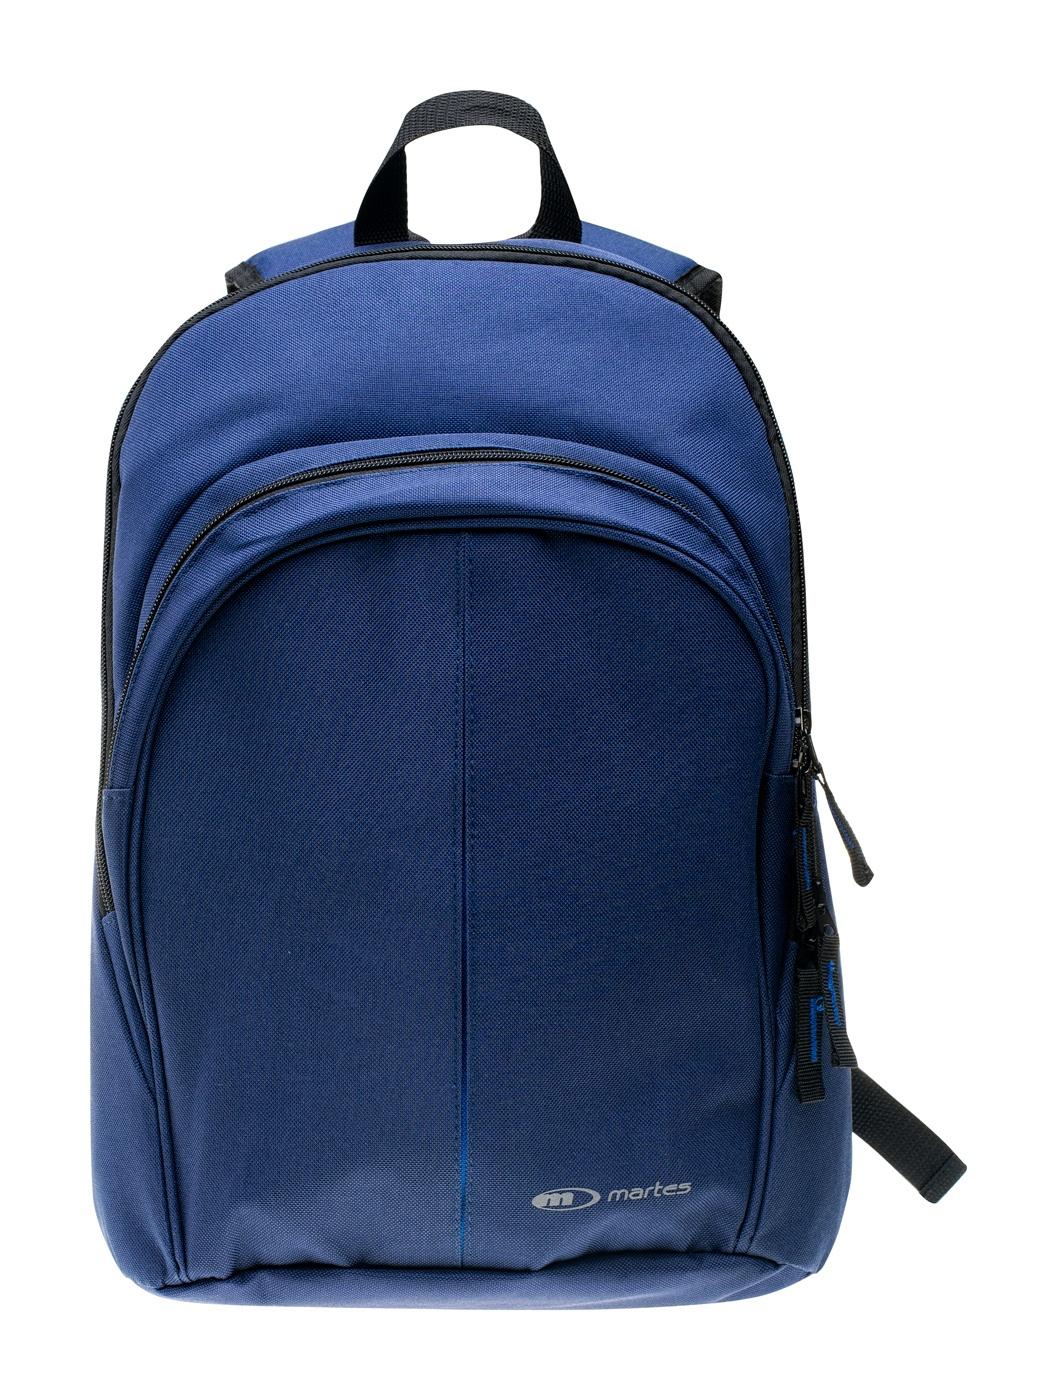 Plecak Virno II (24l) za 19,99zł (30zł taniej, 6 kolorów) @ Martes Sport